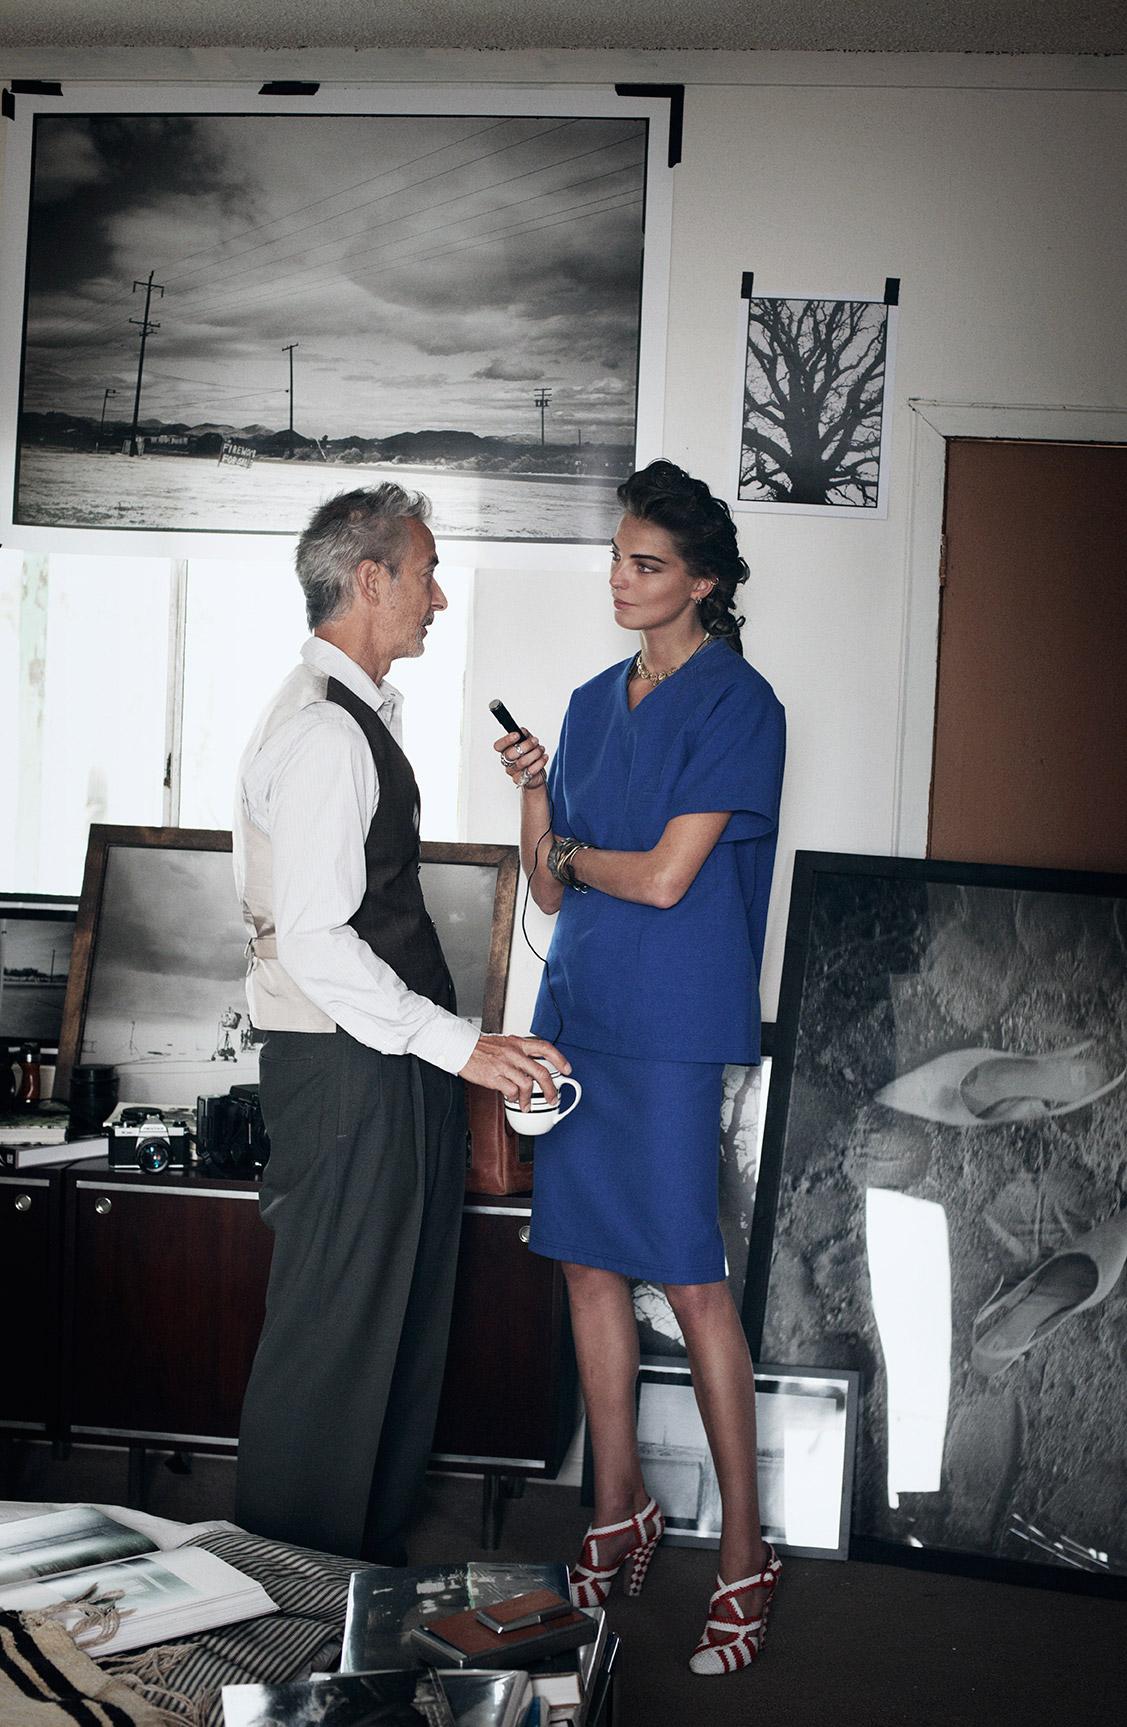 Дарья Вербовы и Дэвид Стрэтэйрн в заброшенном поселке / фотограф Питер Линдберг / фото 09